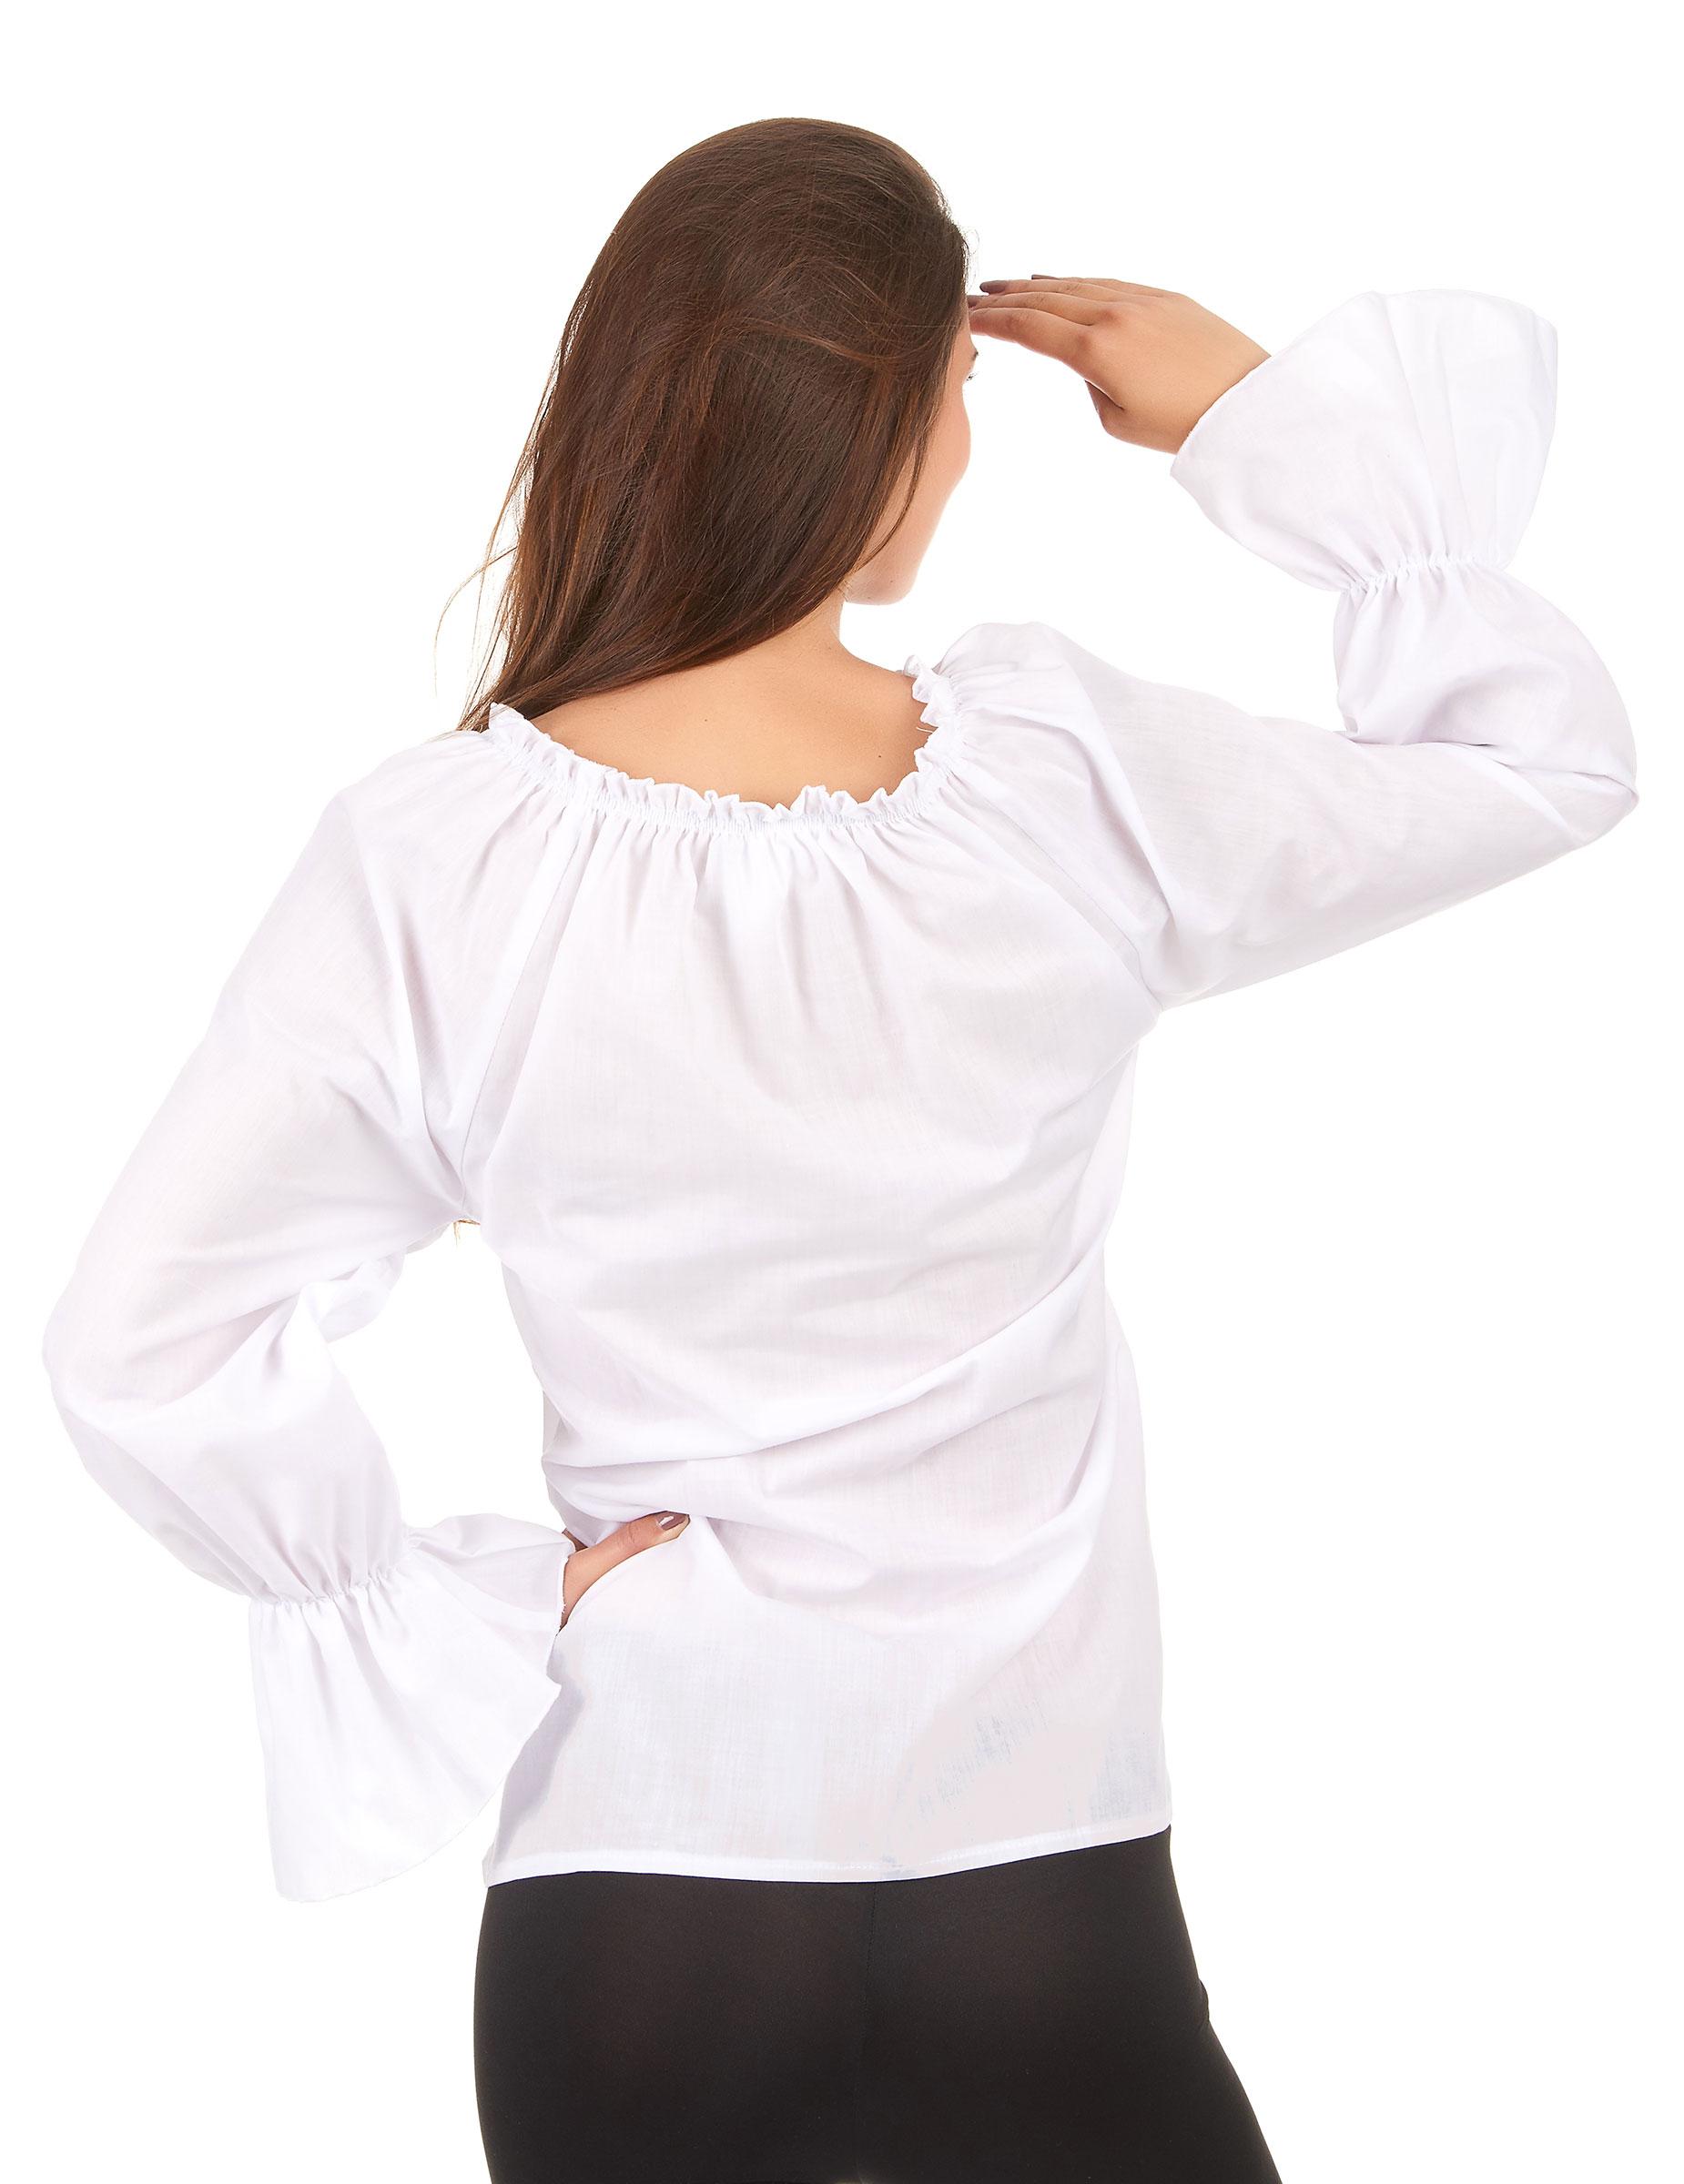 bianca Camicia adulti e Costumi di maniche vestiti Donna lunghe Rww1Fqa